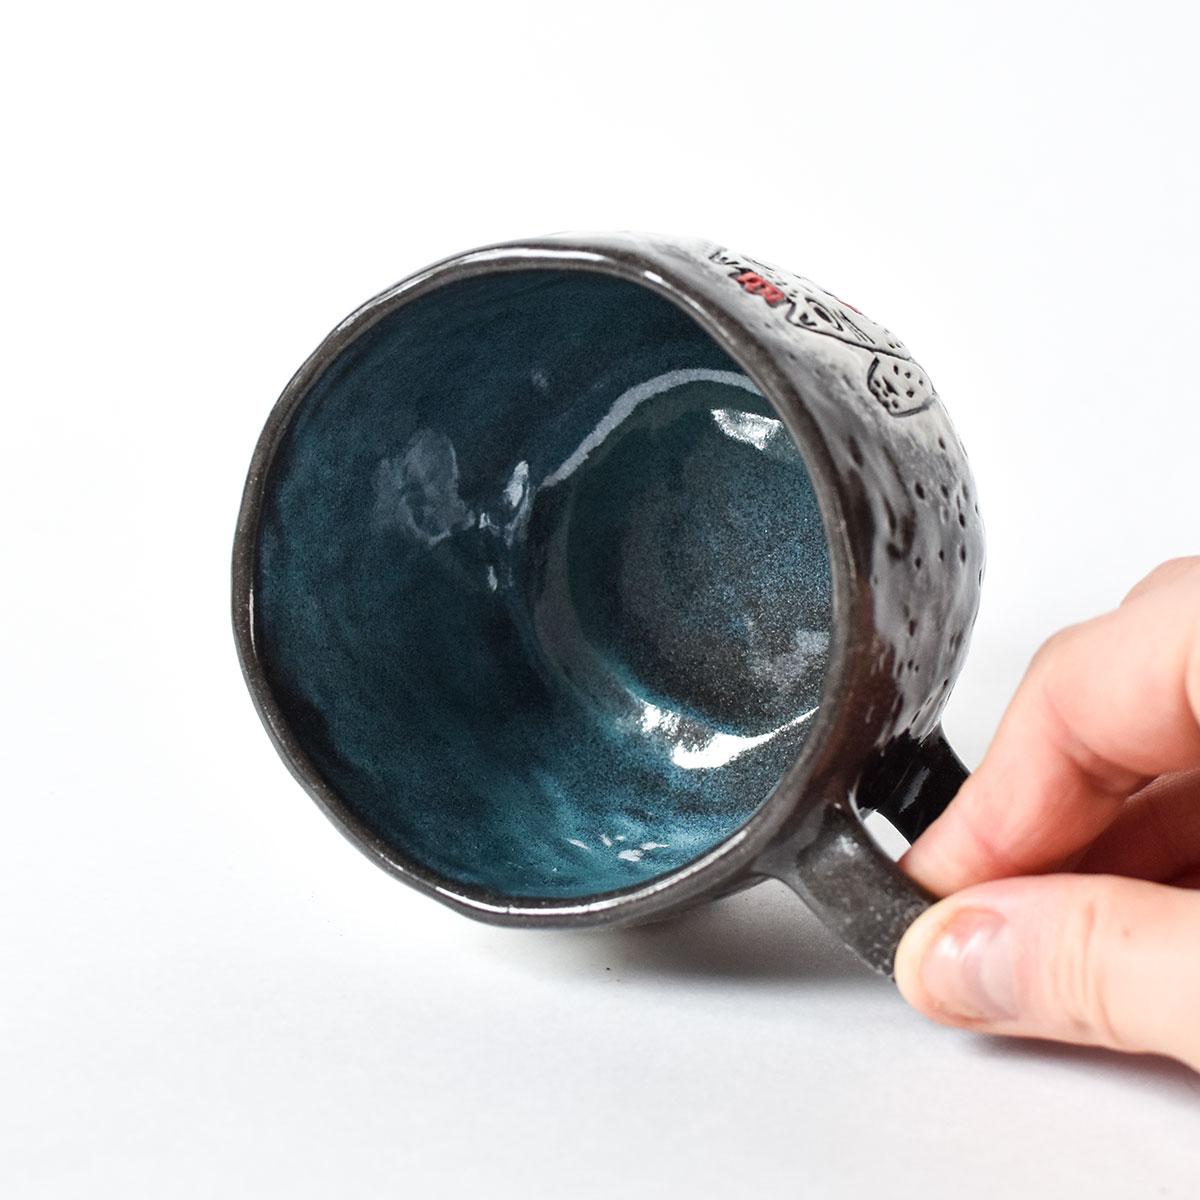 """картинка Лепная чашка из серии """"Котики и женщины"""" 1 - DishWishes.Ru"""